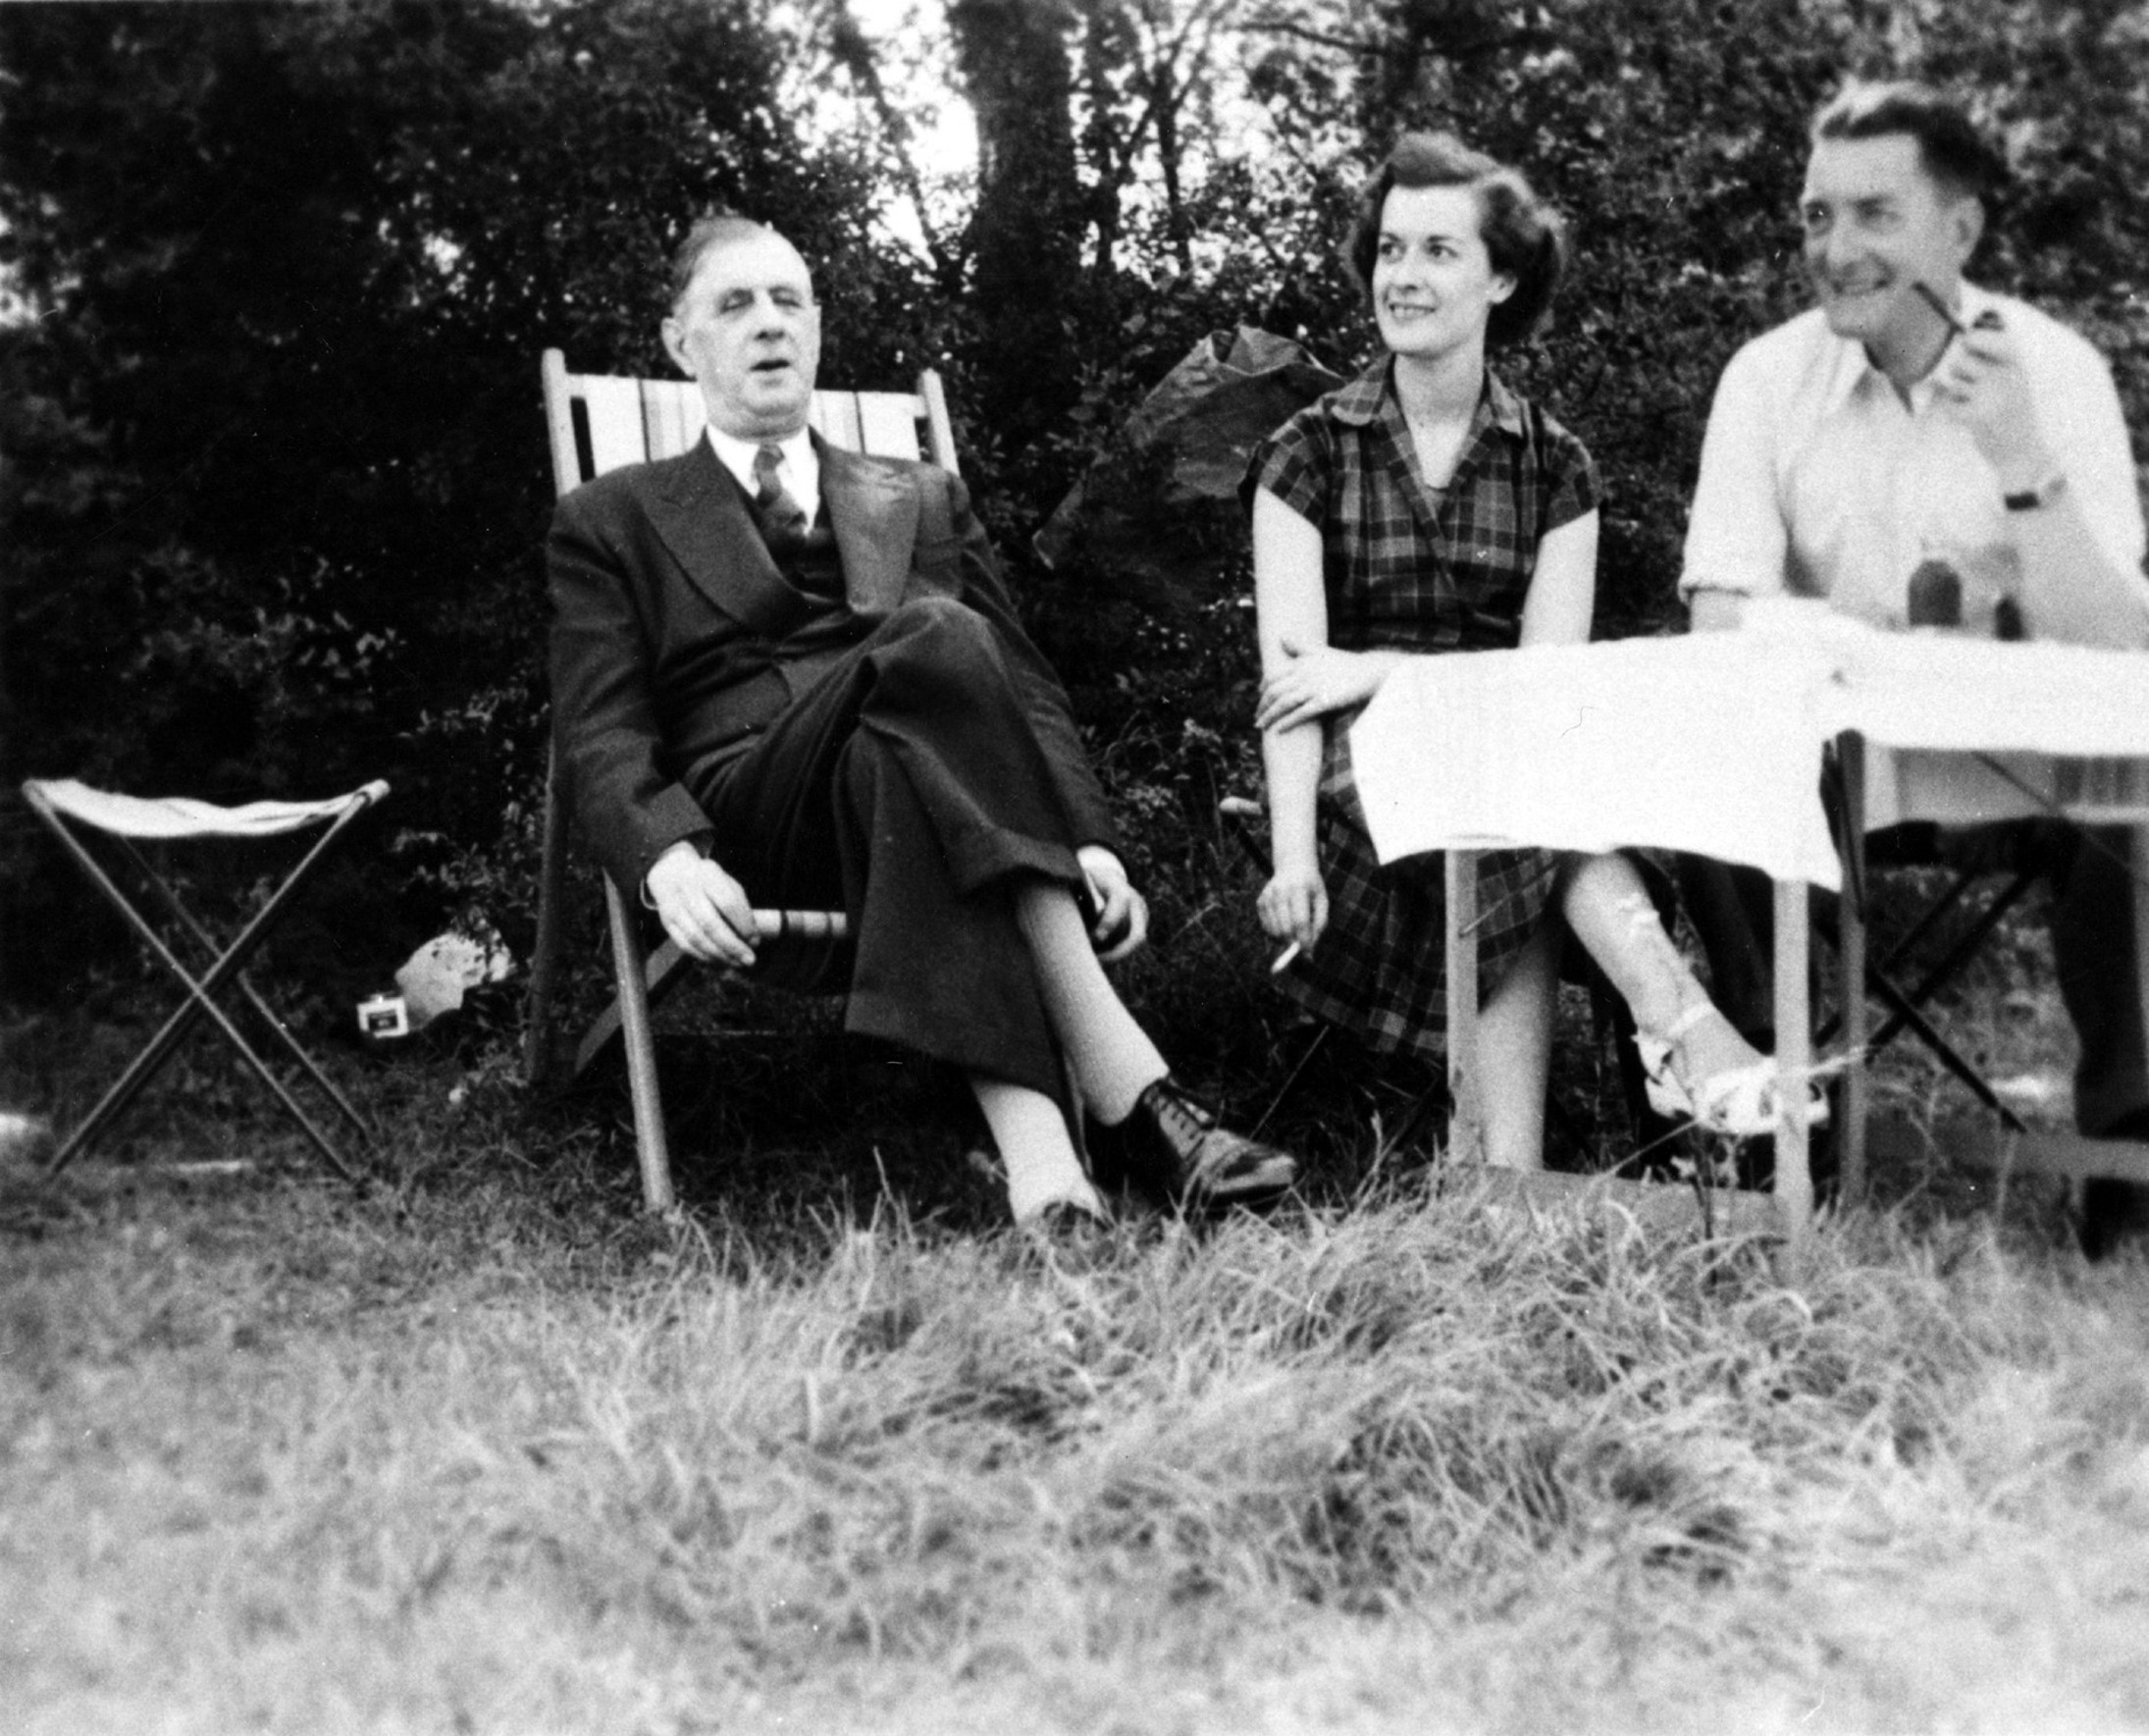 Le général de Gaulle dans son jardin à la Boisserie, en compagnie de sa fille et de son gendre